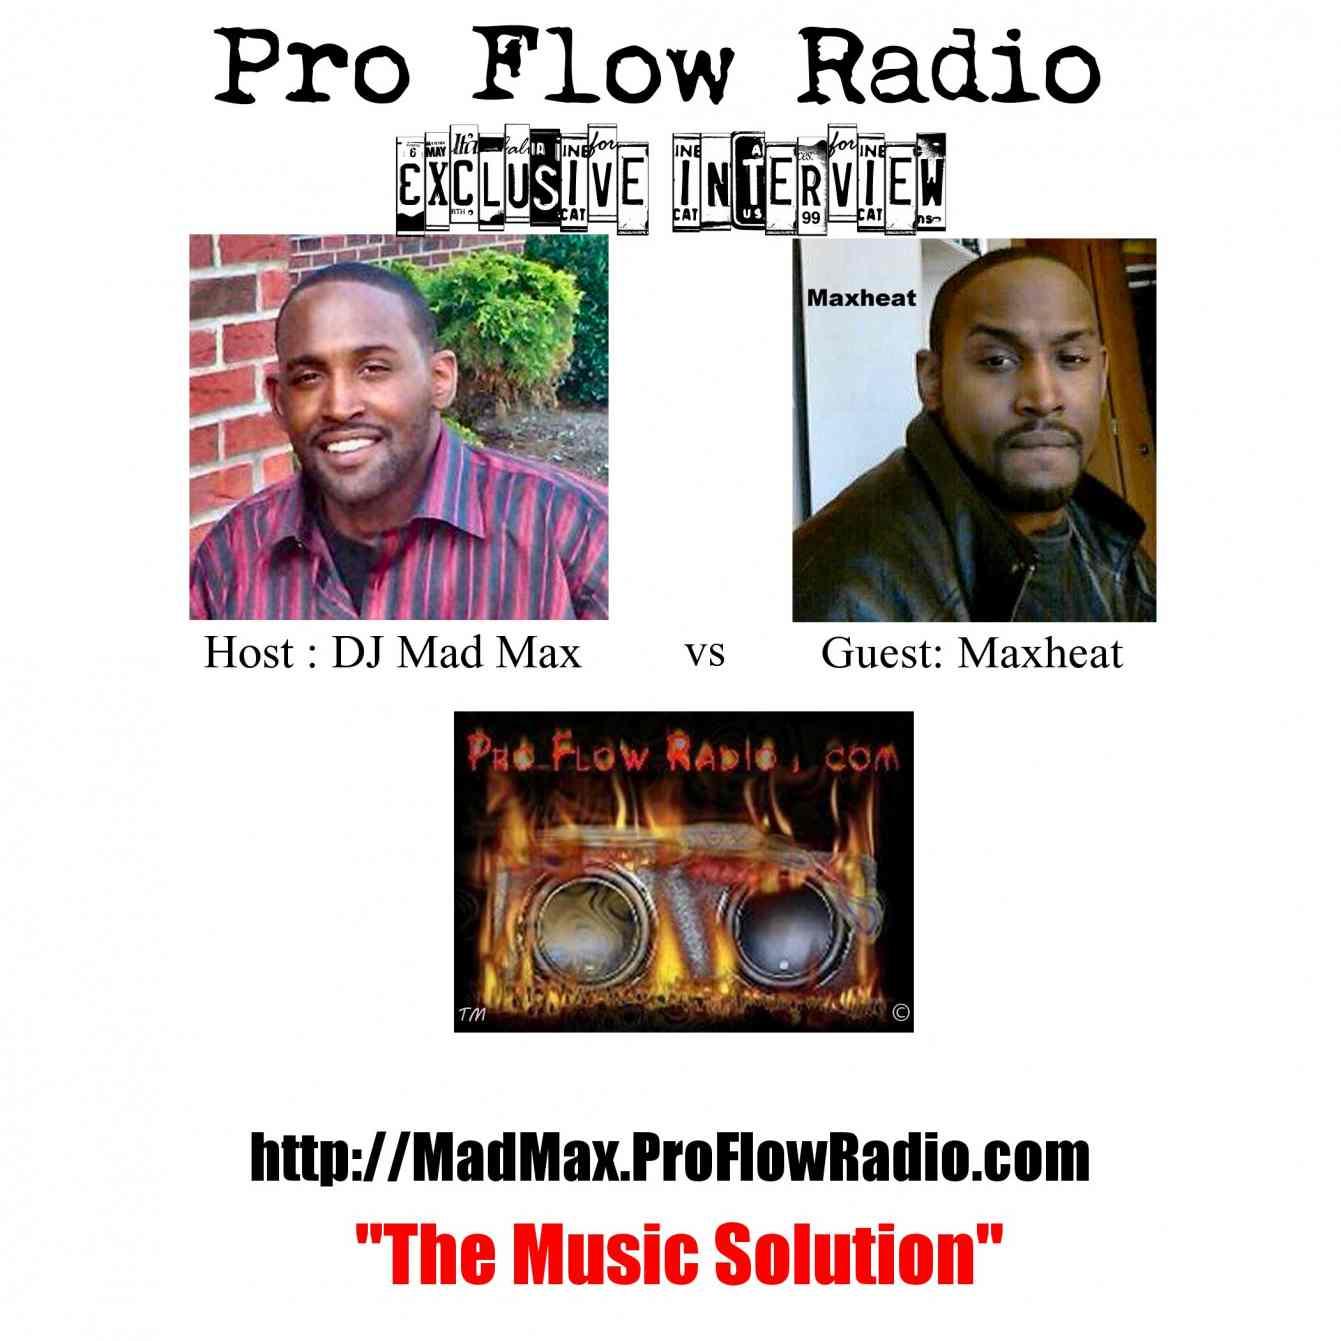 Mad Max vs Maxheat Radio Interview